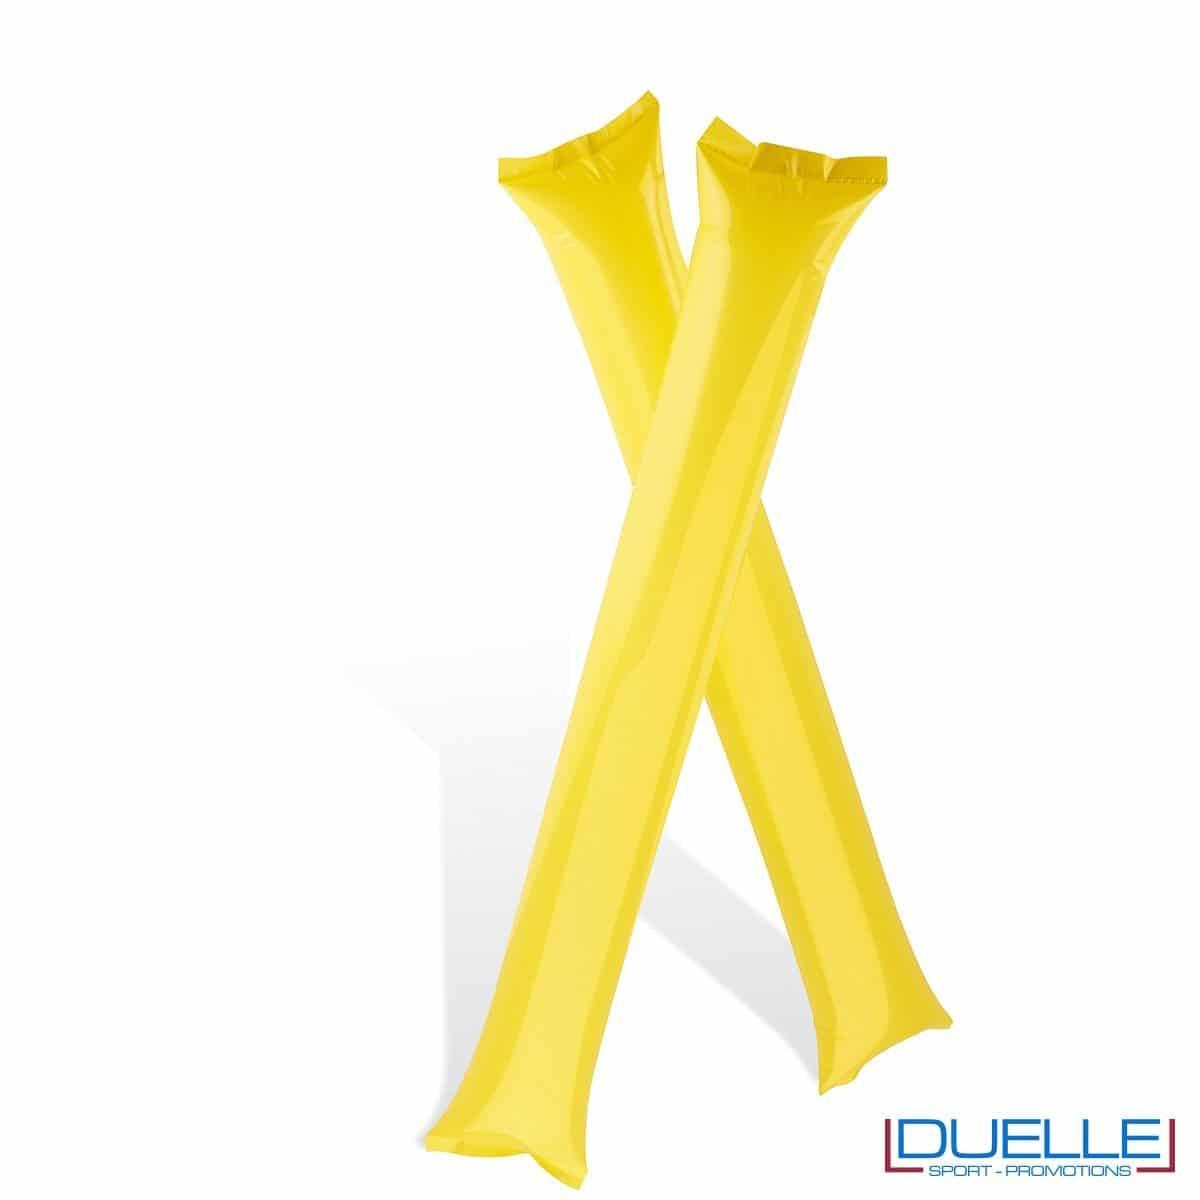 bastoni gonfiabili personalizzati giallo per tifoserie l, gadget Europei 2016, gadget feste